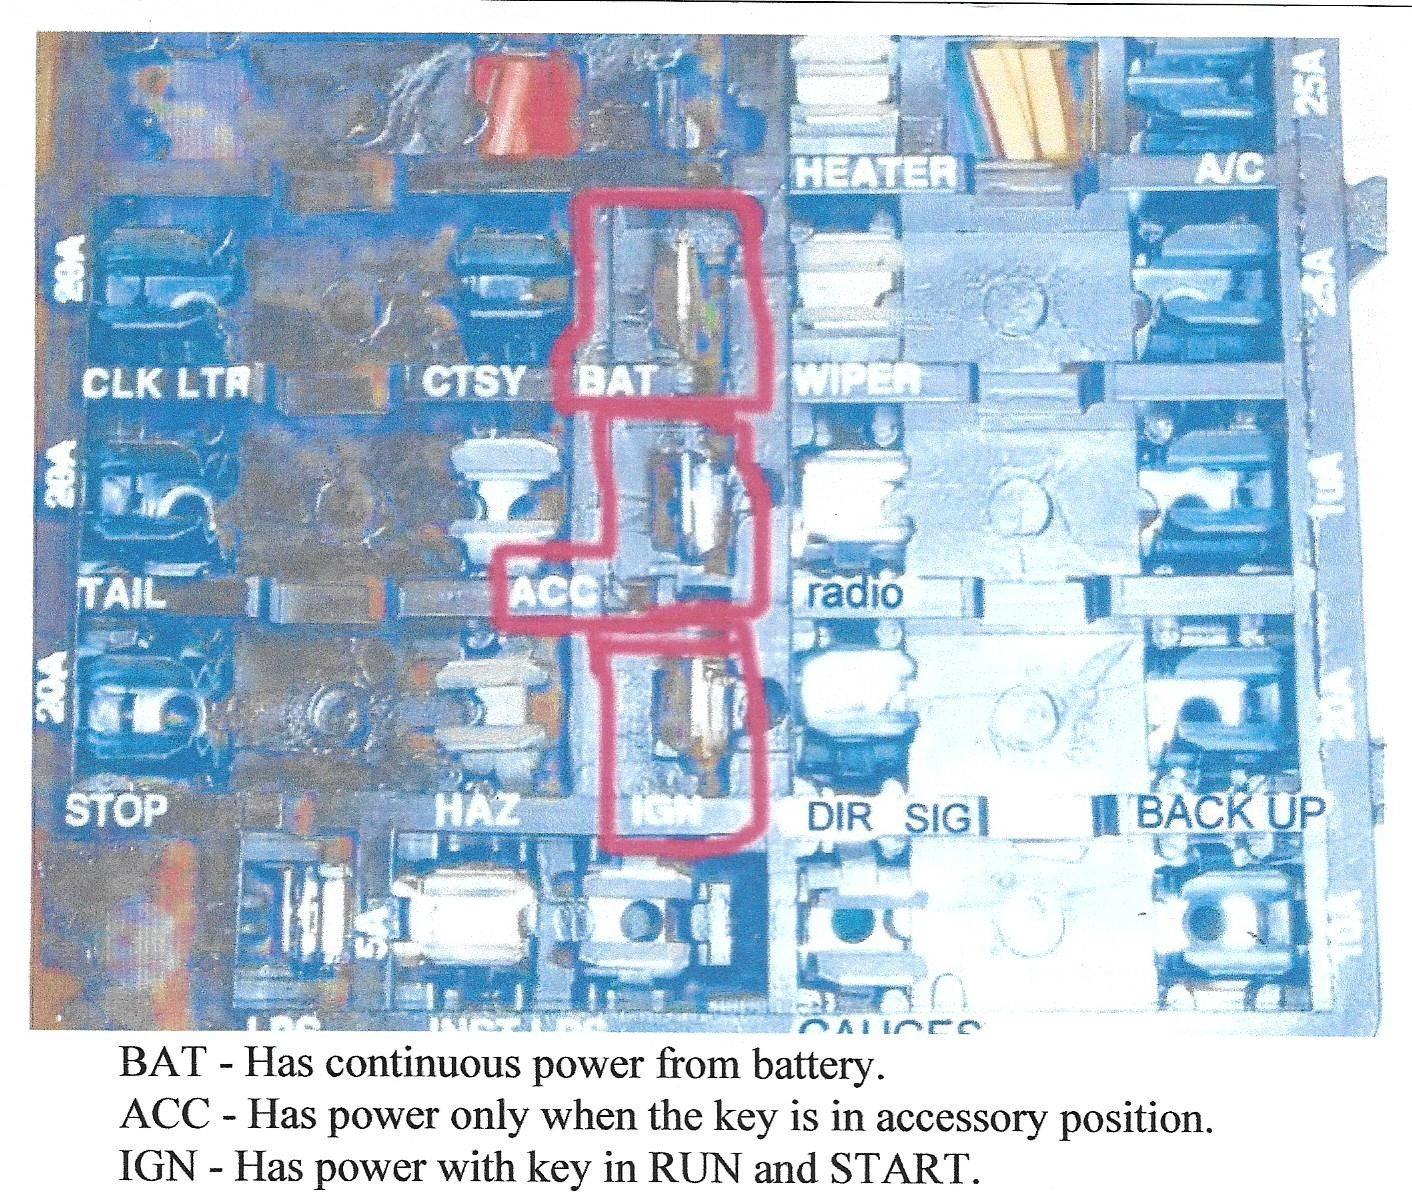 fuse box on 1986 corvette 1977    corvette       fuse       box    wire location  amp     fuse    labels  1977    corvette       fuse       box    wire location  amp     fuse    labels